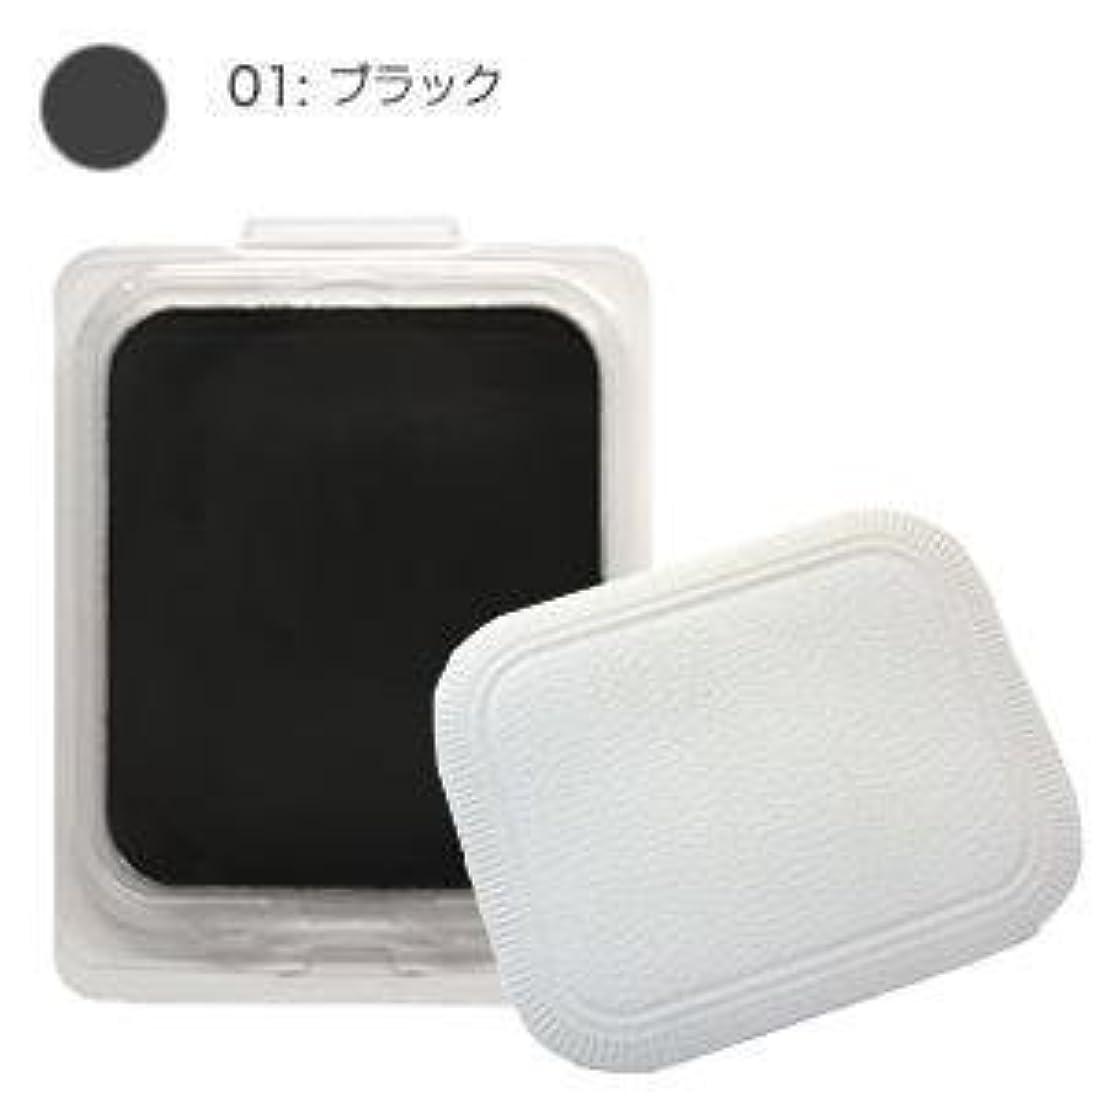 トロイの木馬公平な衣装モナリザ ヘアケアファンデーション つめかえ用 (ブラック) 12g(パフ付)